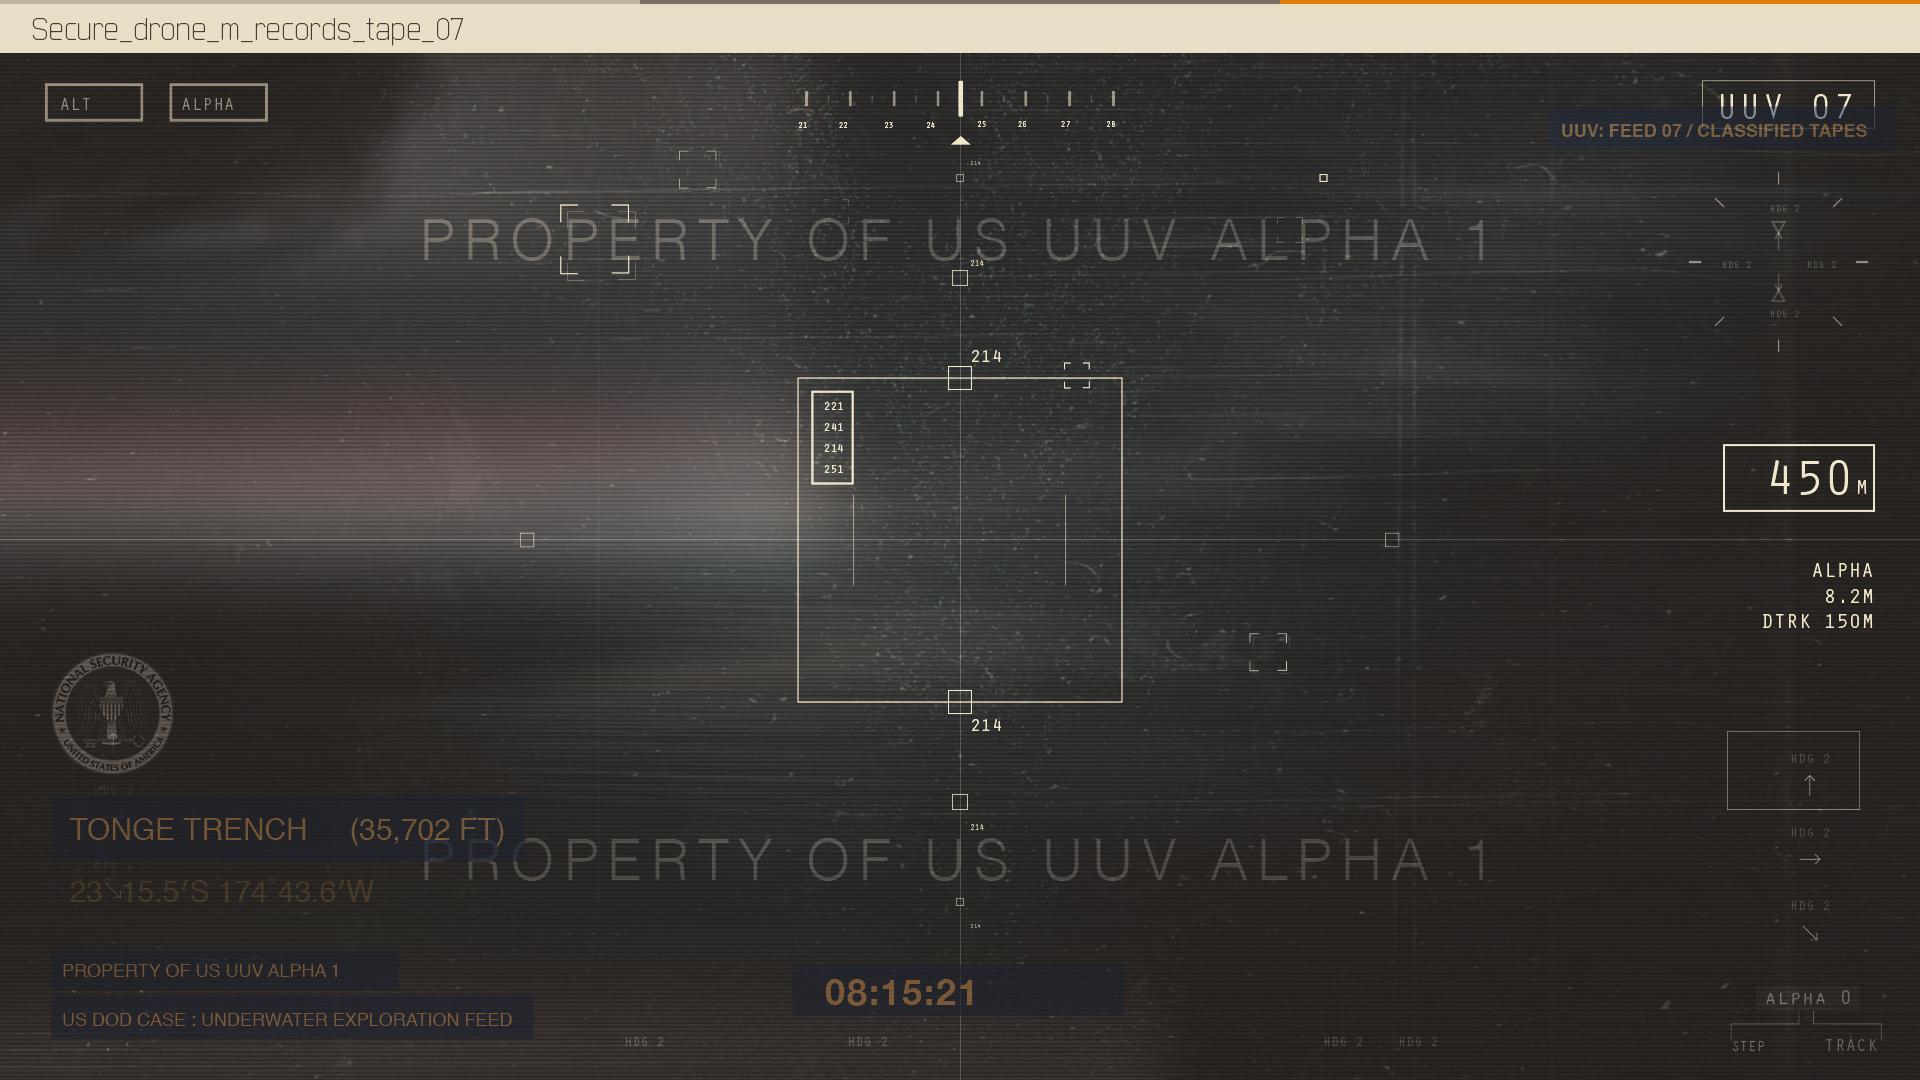 S&M_DH0140_Aquaman_Drone_v05.1.jpg